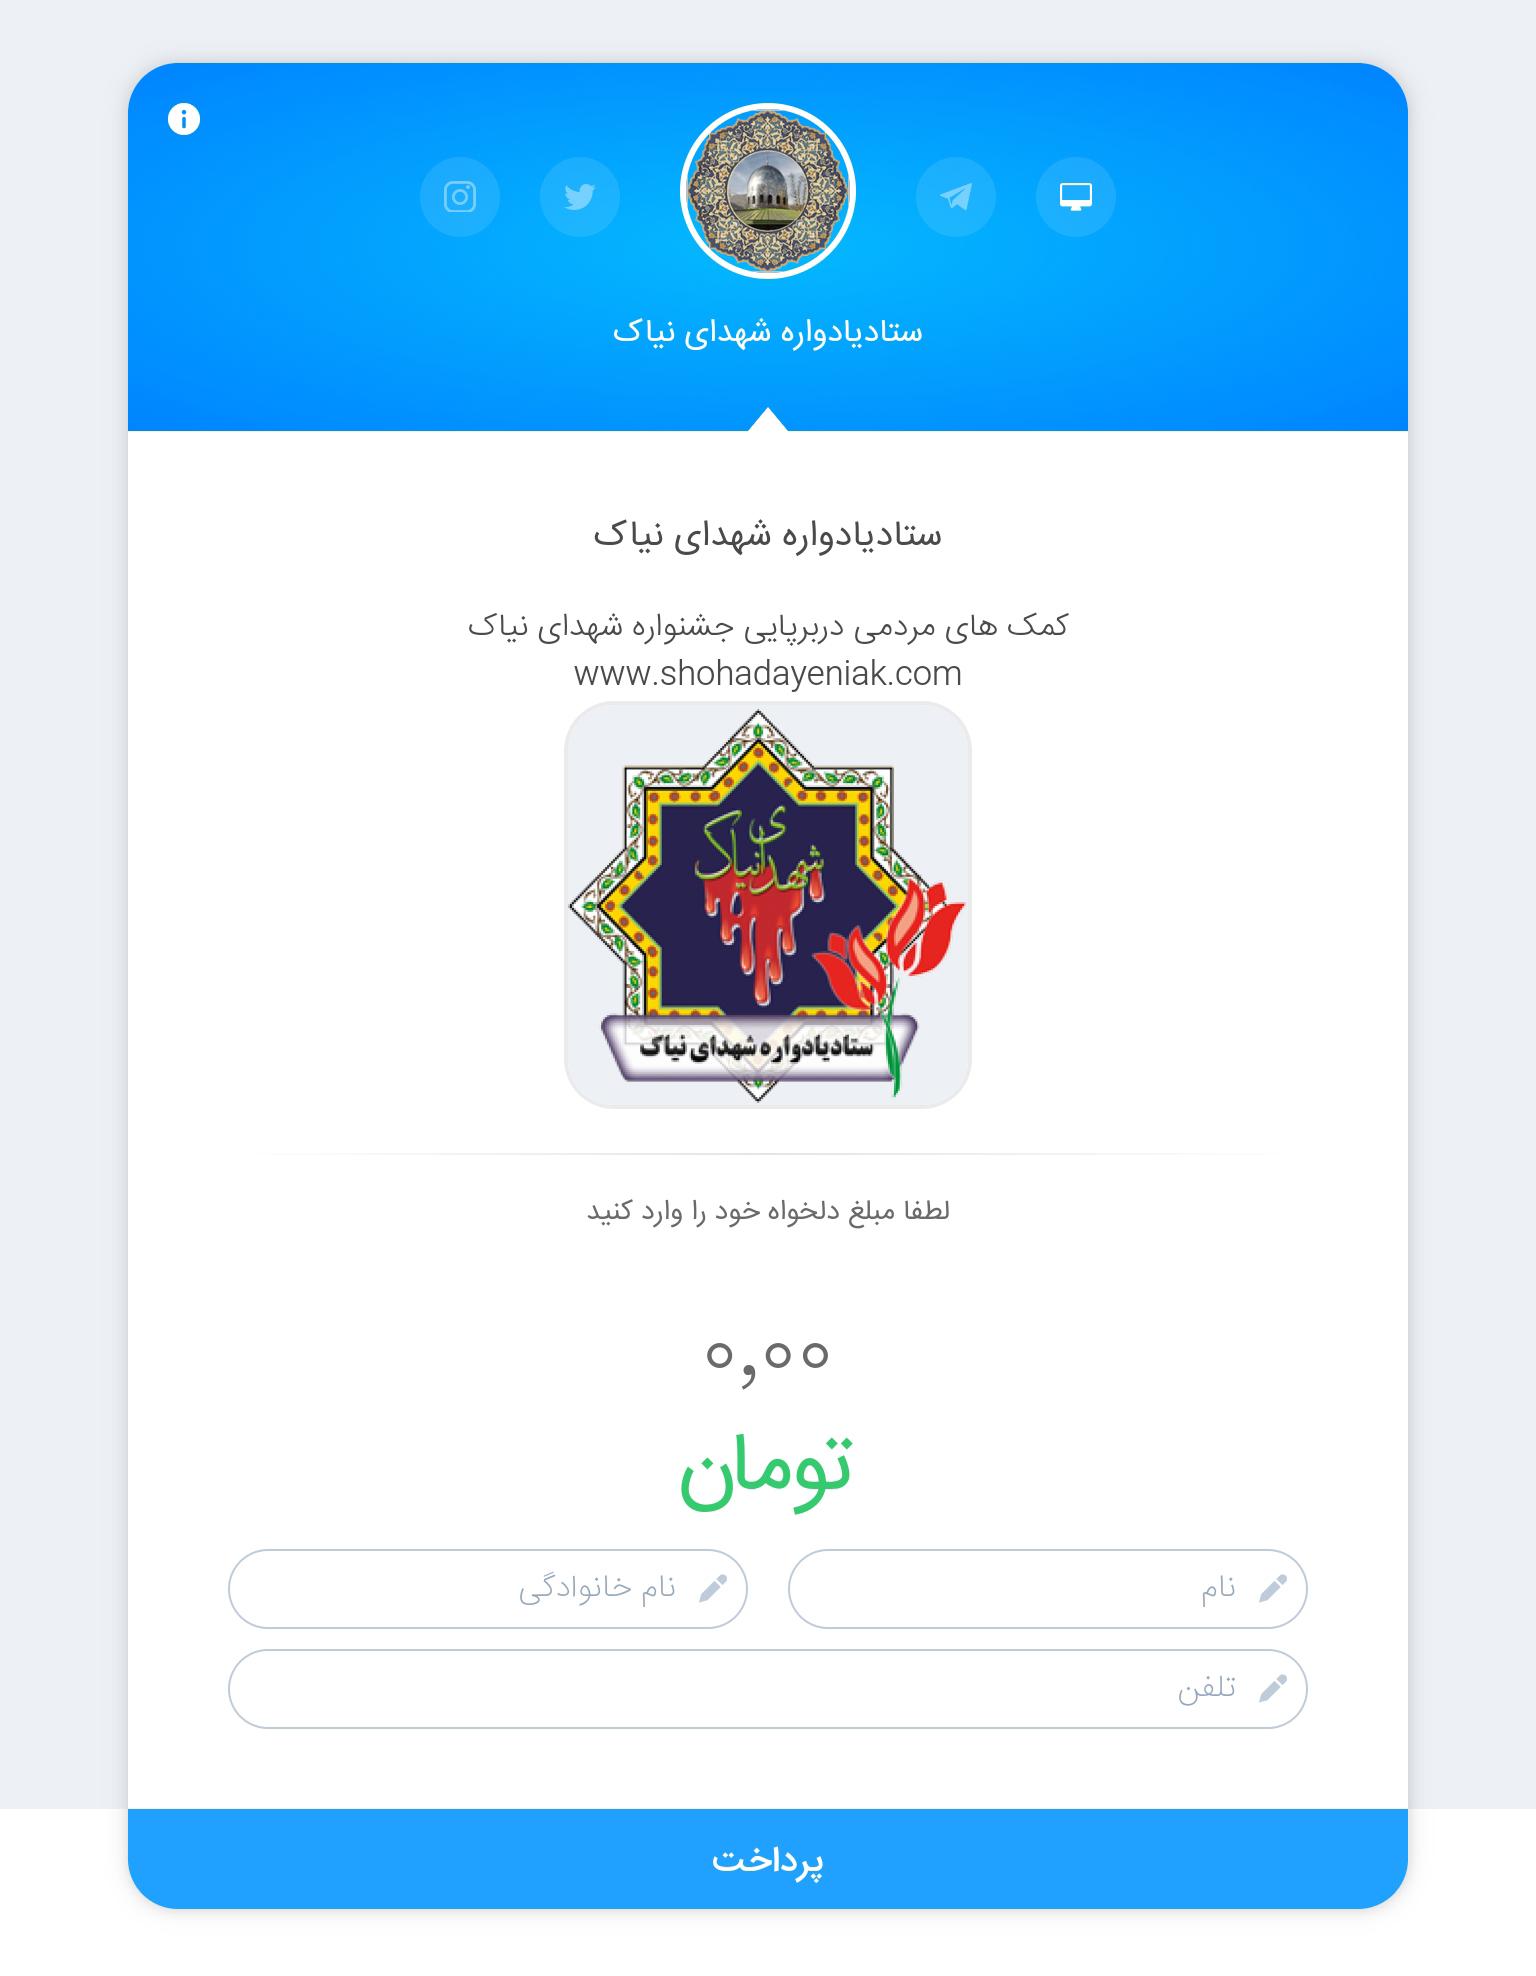 سامانه مشارکت مردمی ستاد یادواره شهدای نیاک افتتاح شد